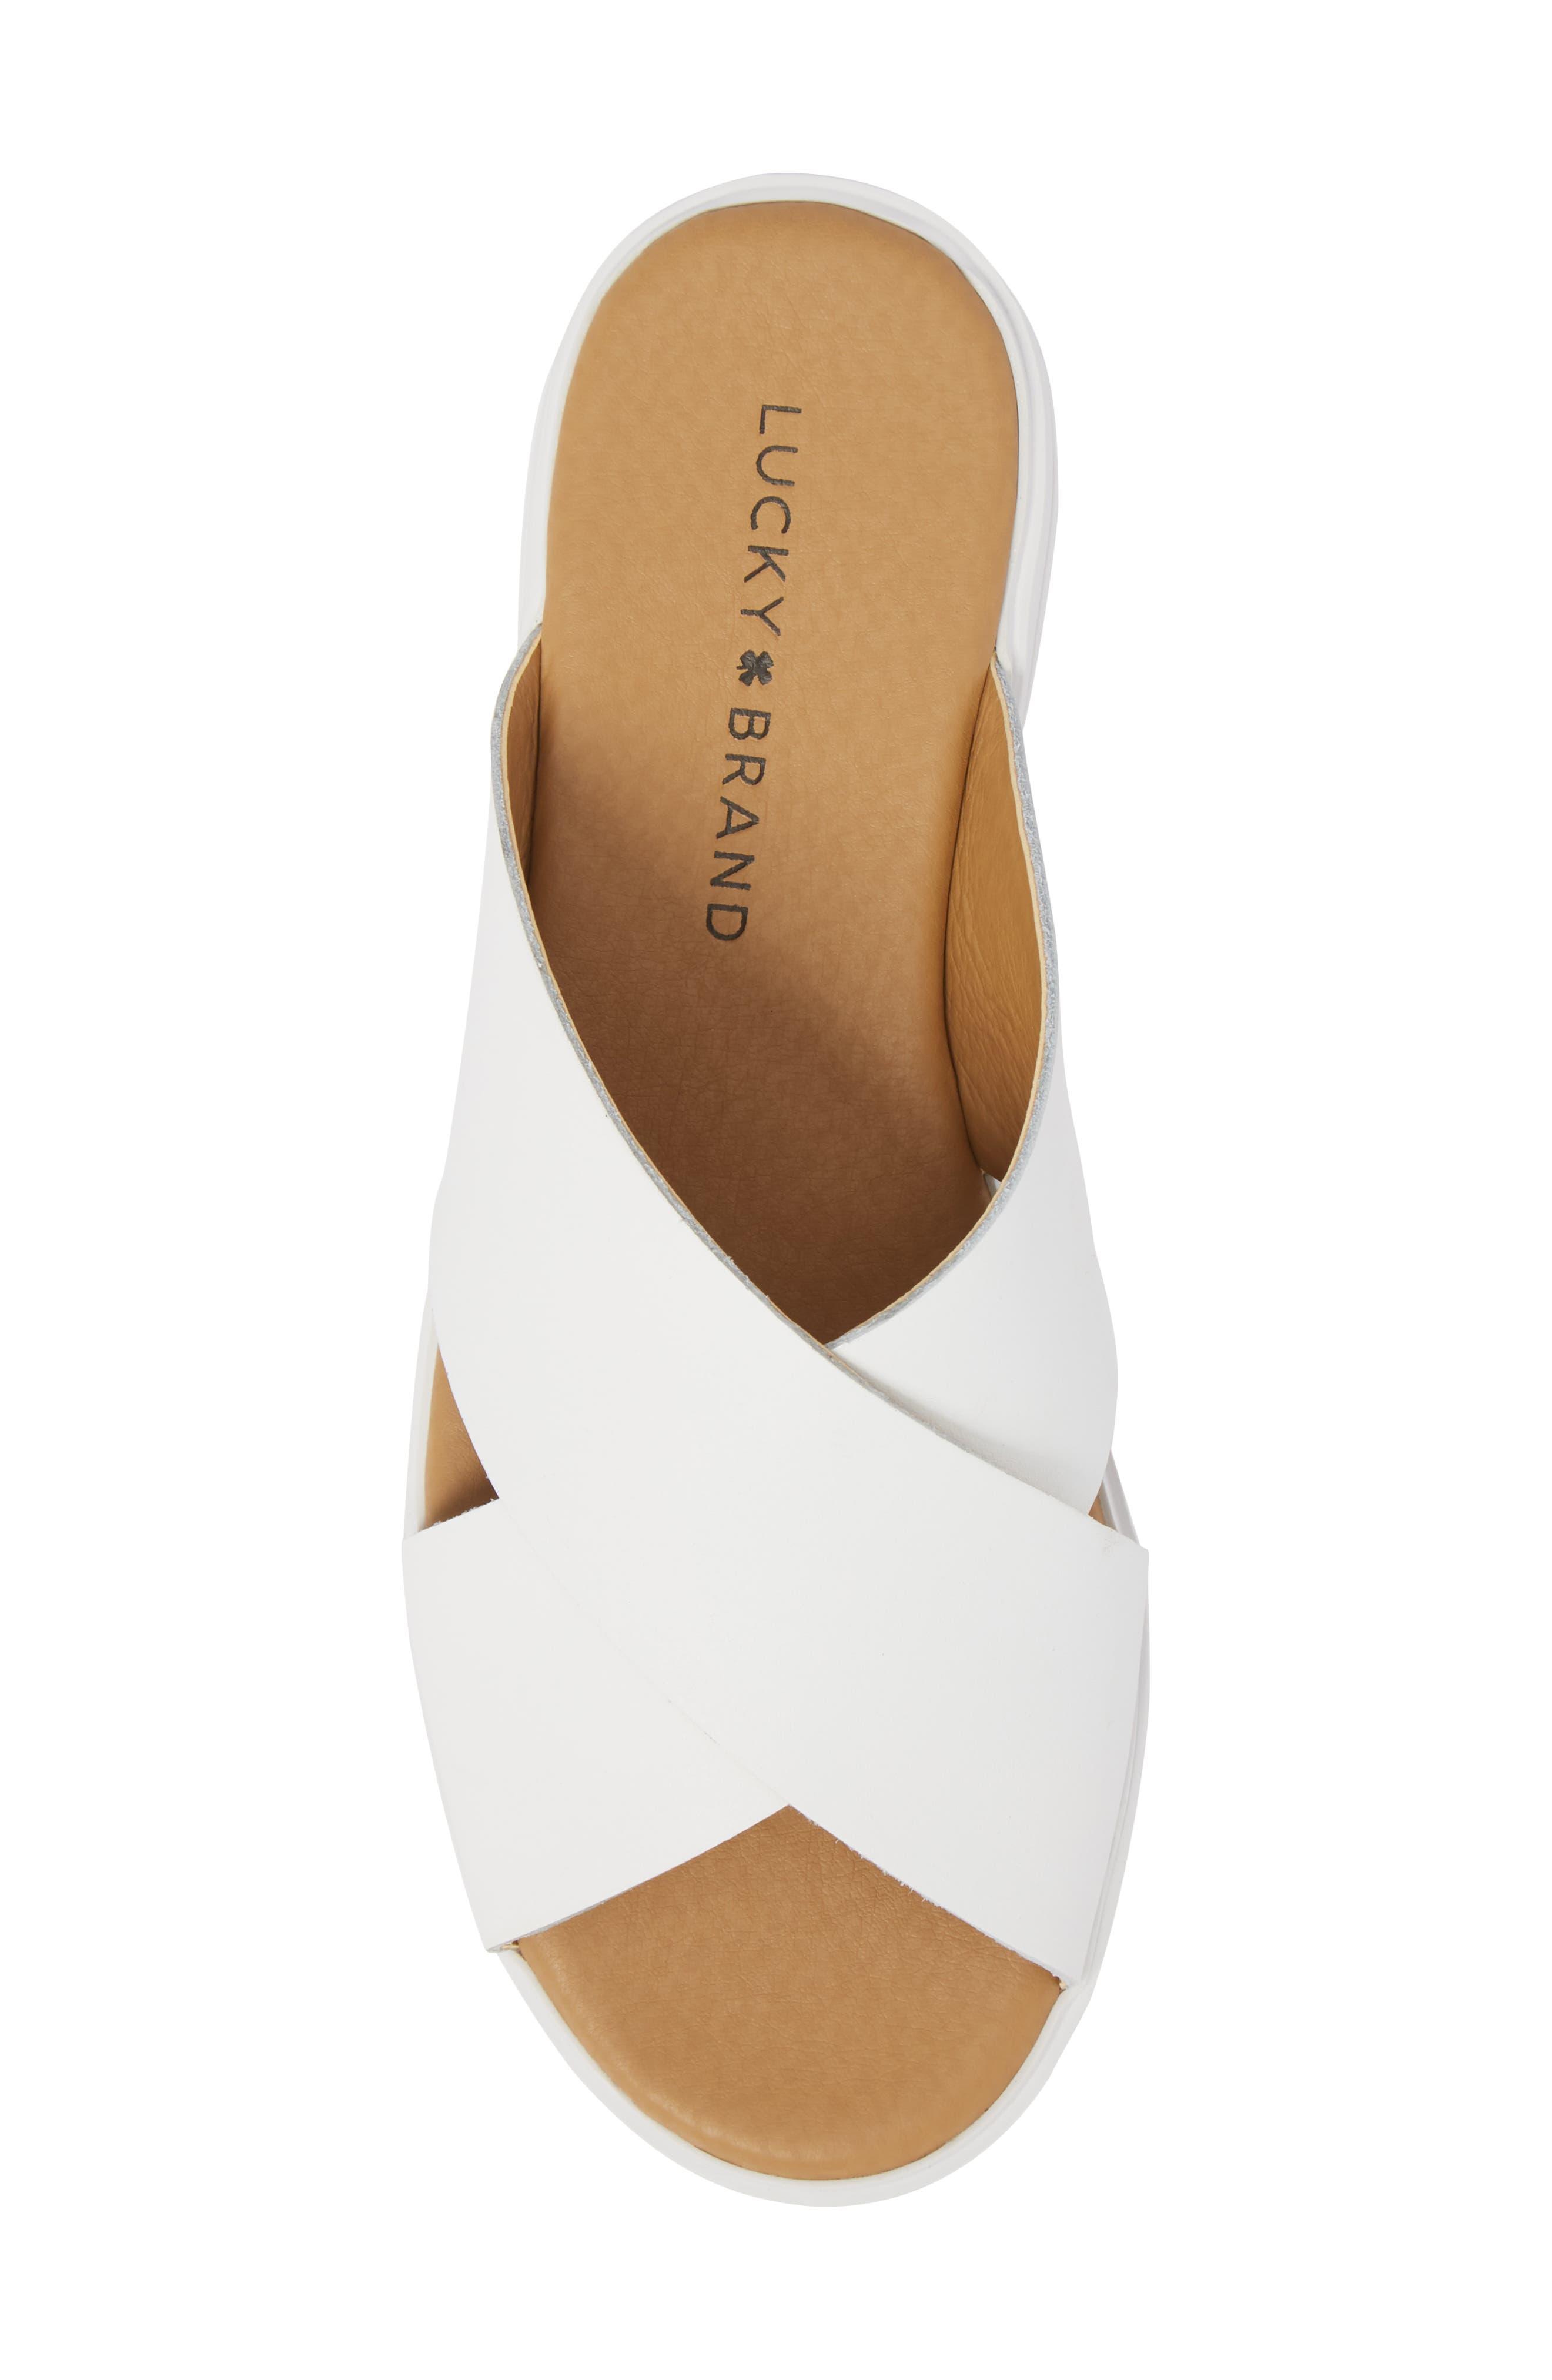 Mahlay Slide Sandal,                             Alternate thumbnail 5, color,                             Optic White Leather